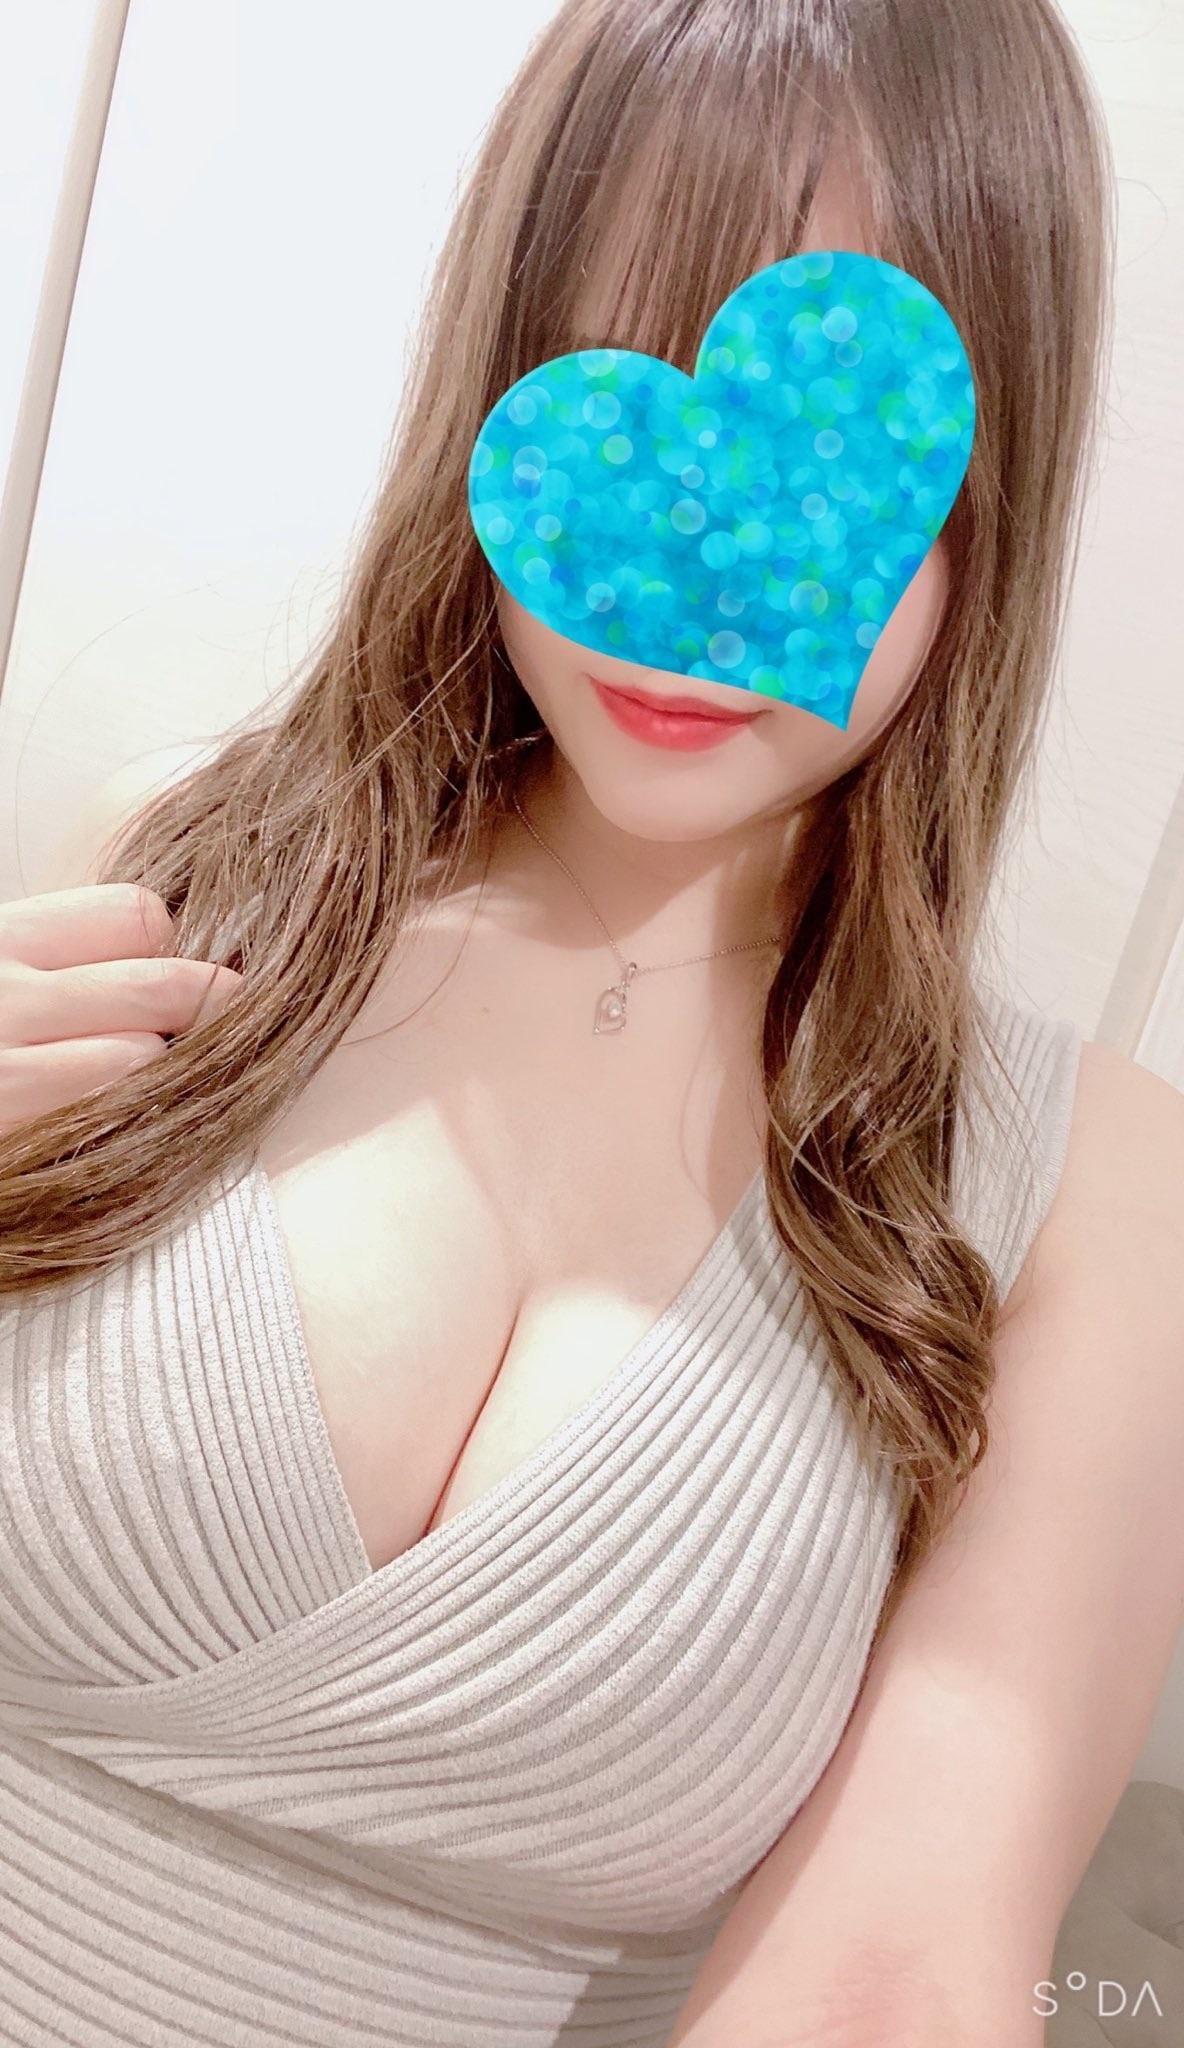 「こんにちわ」10/27(水) 12:36 | 三嶋★みしまの写メ日記